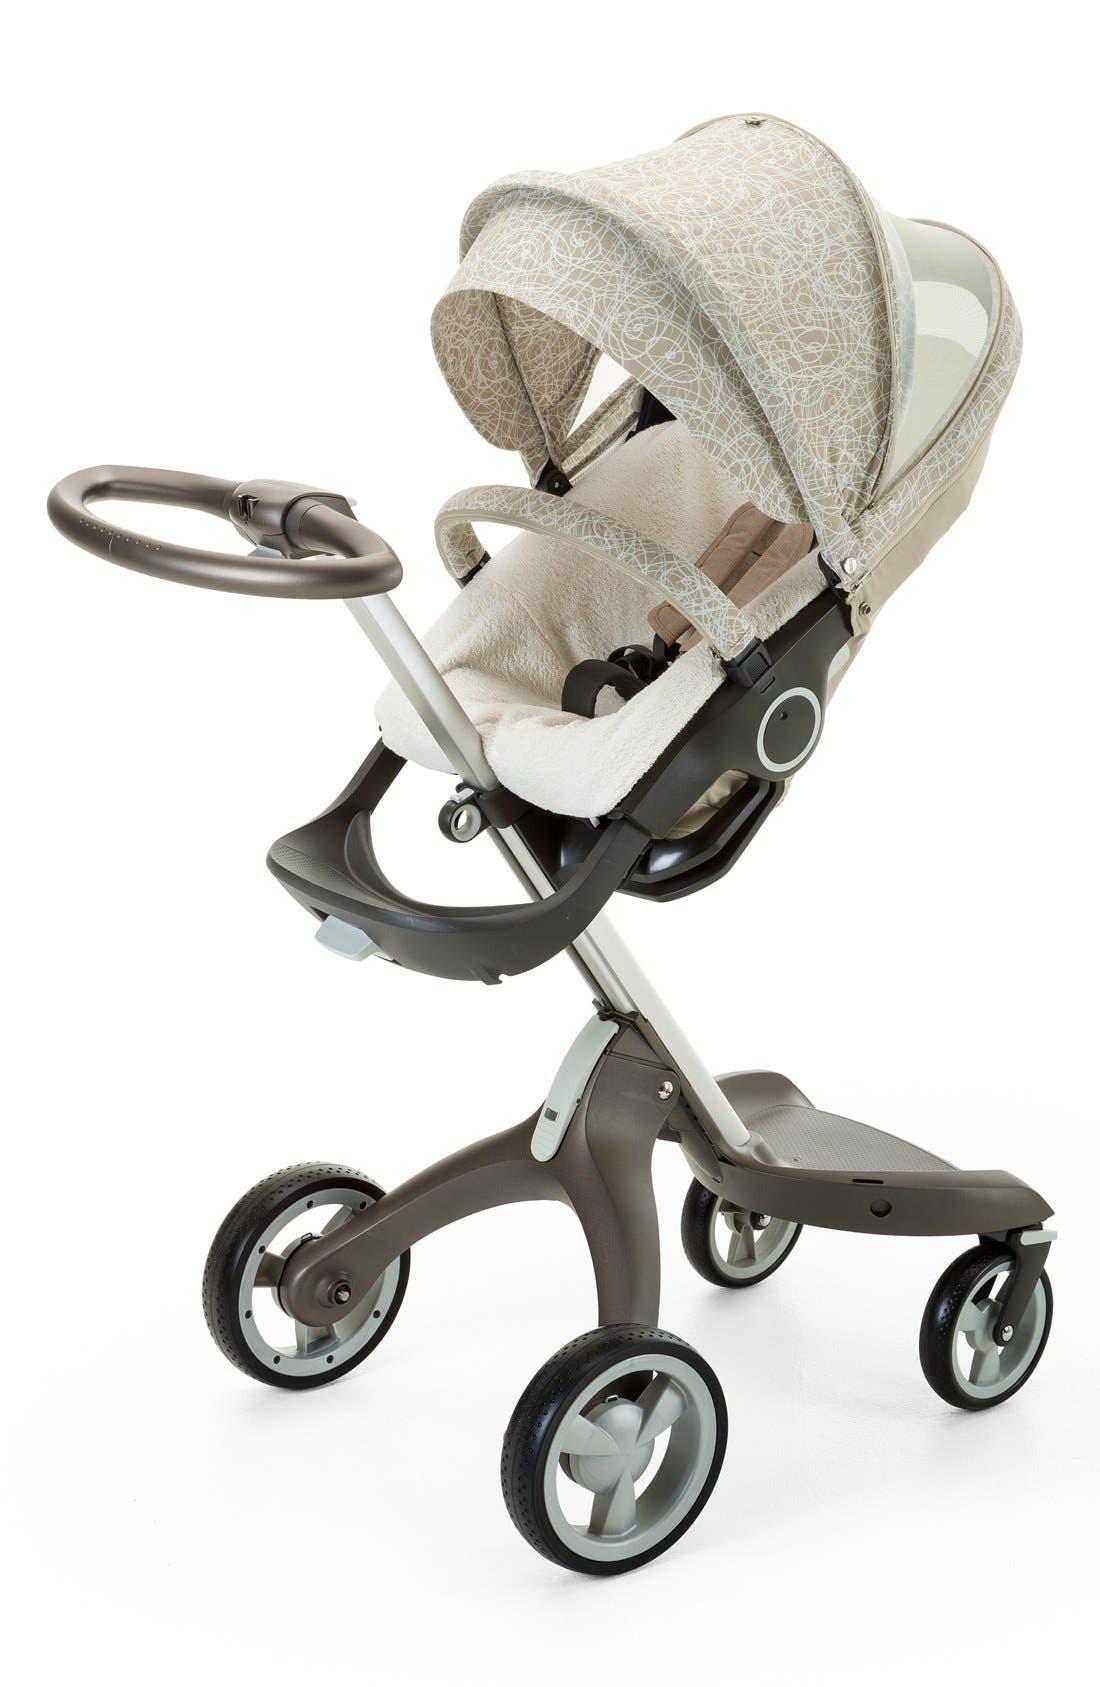 Stokke Baby 'Xplory® Stroller Summer Kit' Shade Set